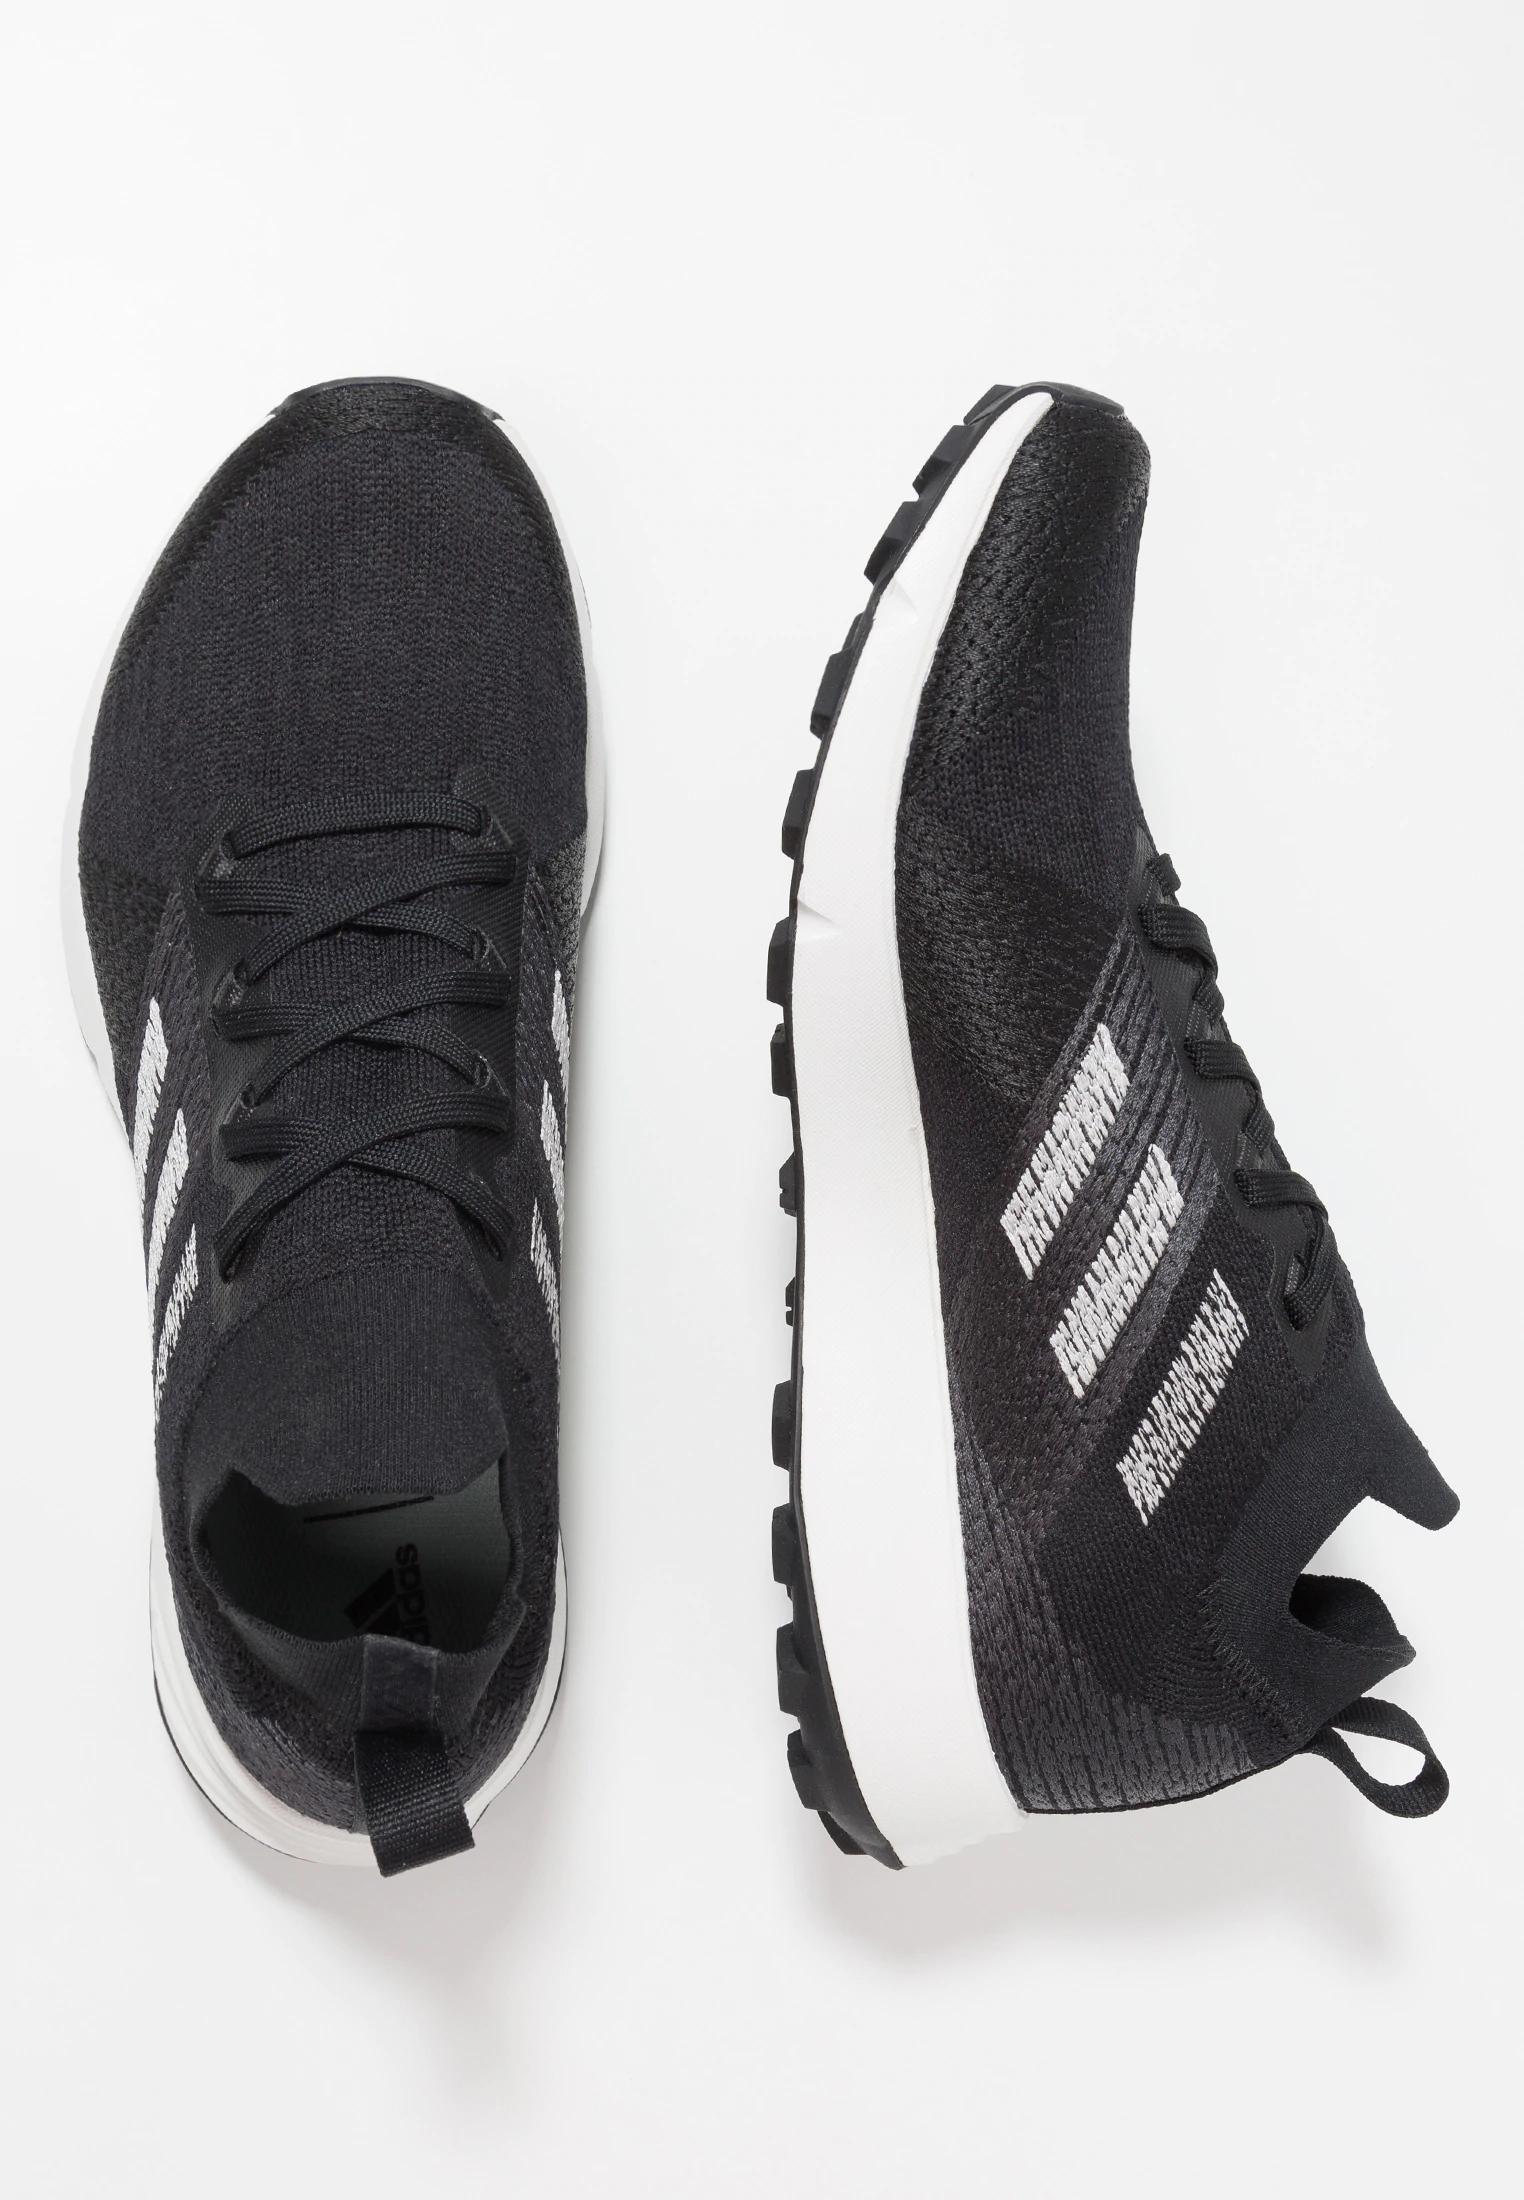 adidas Terrex Two Parley (hardloop) sneakers -70% @ Zalando